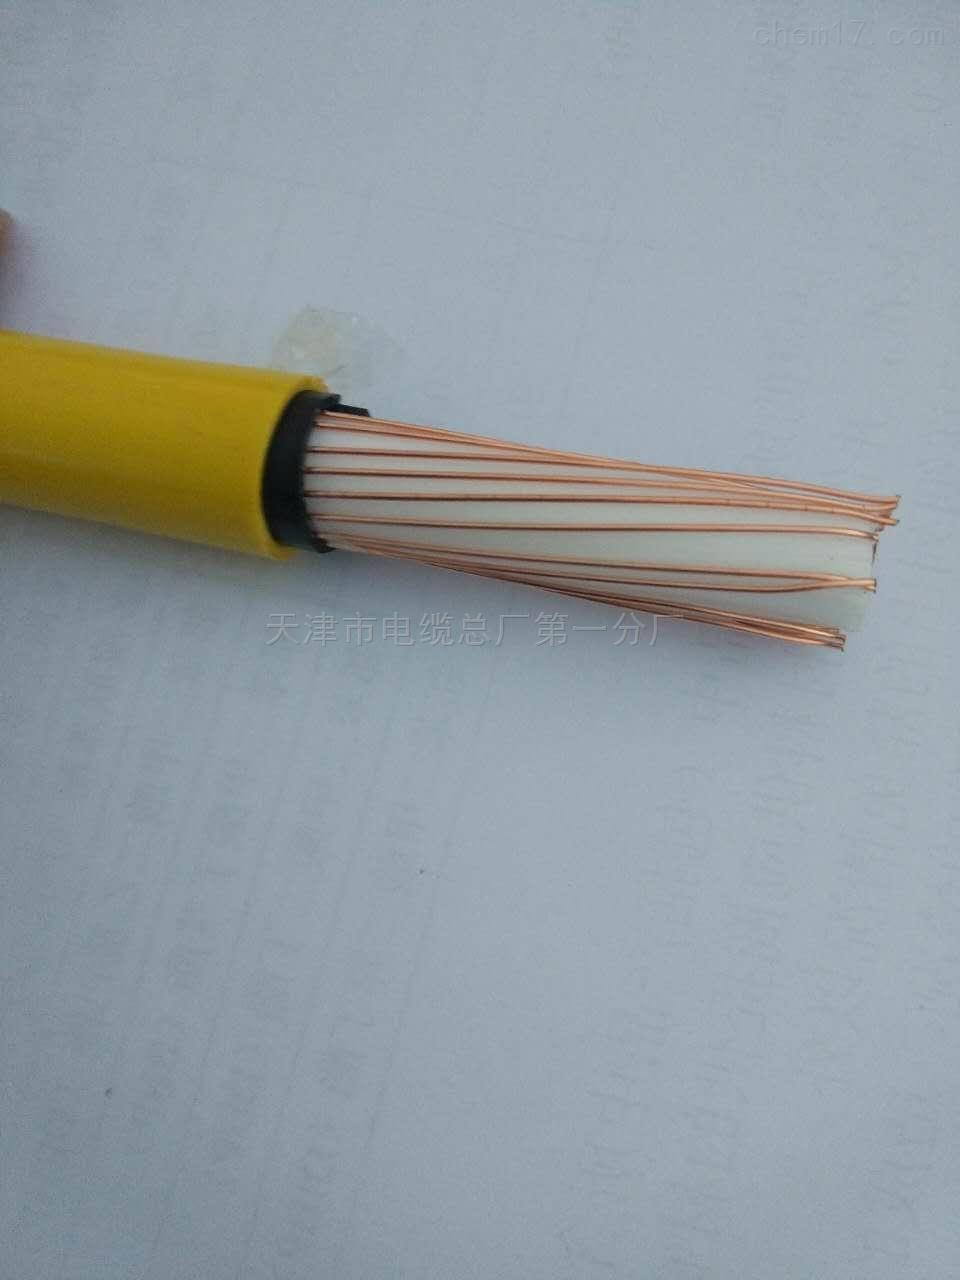 矿用漏泄电缆MSLYFYVZ-75-9,MSLYFVZ-75-9